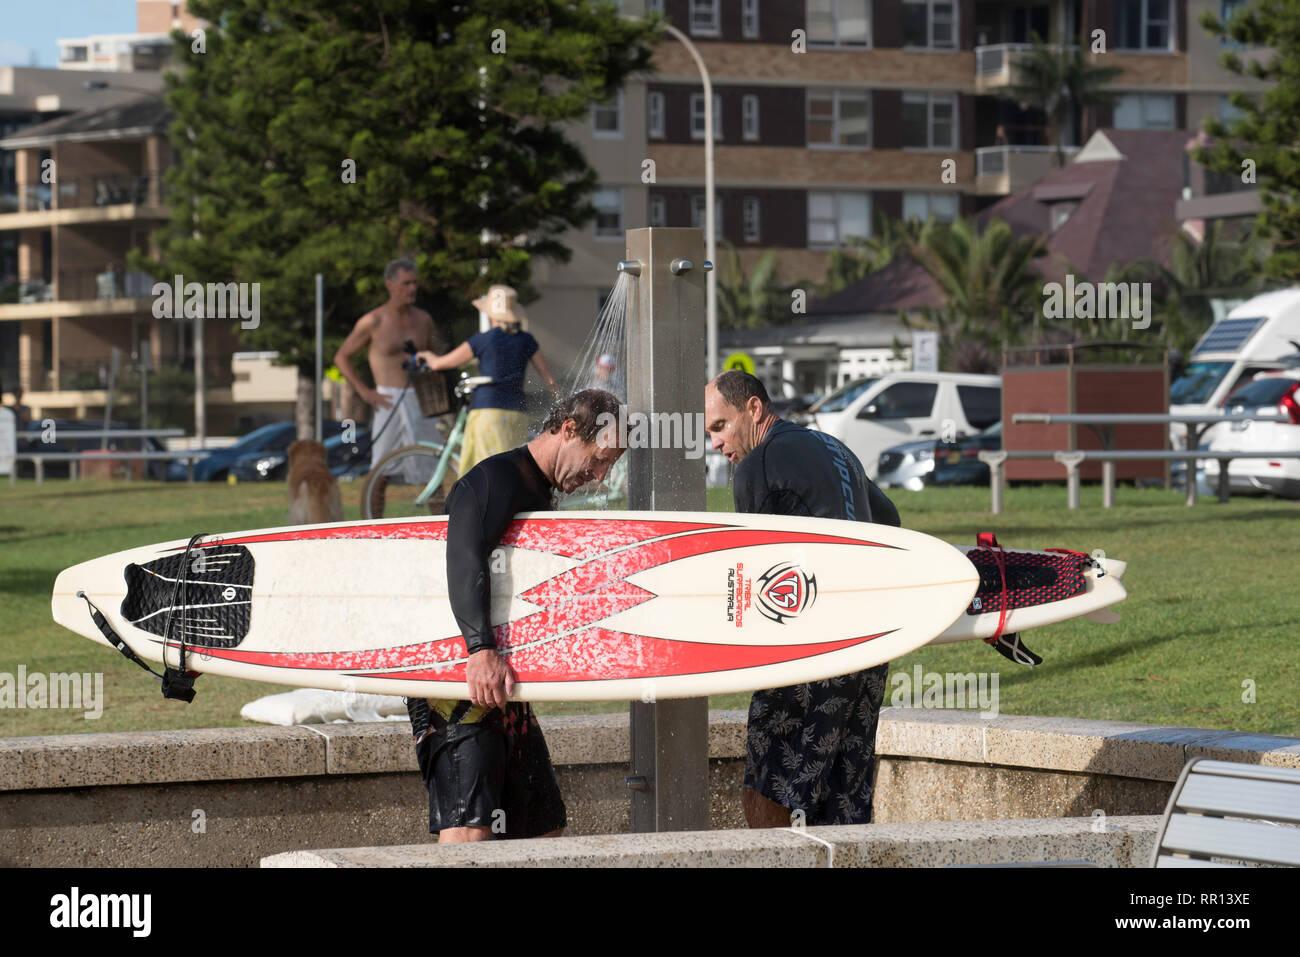 Les hommes âgés moyens de se laver et de leurs planches de surf sous une douche extérieure à North Steyne réserver sur Sydney Manly Beach en Australie Photo Stock